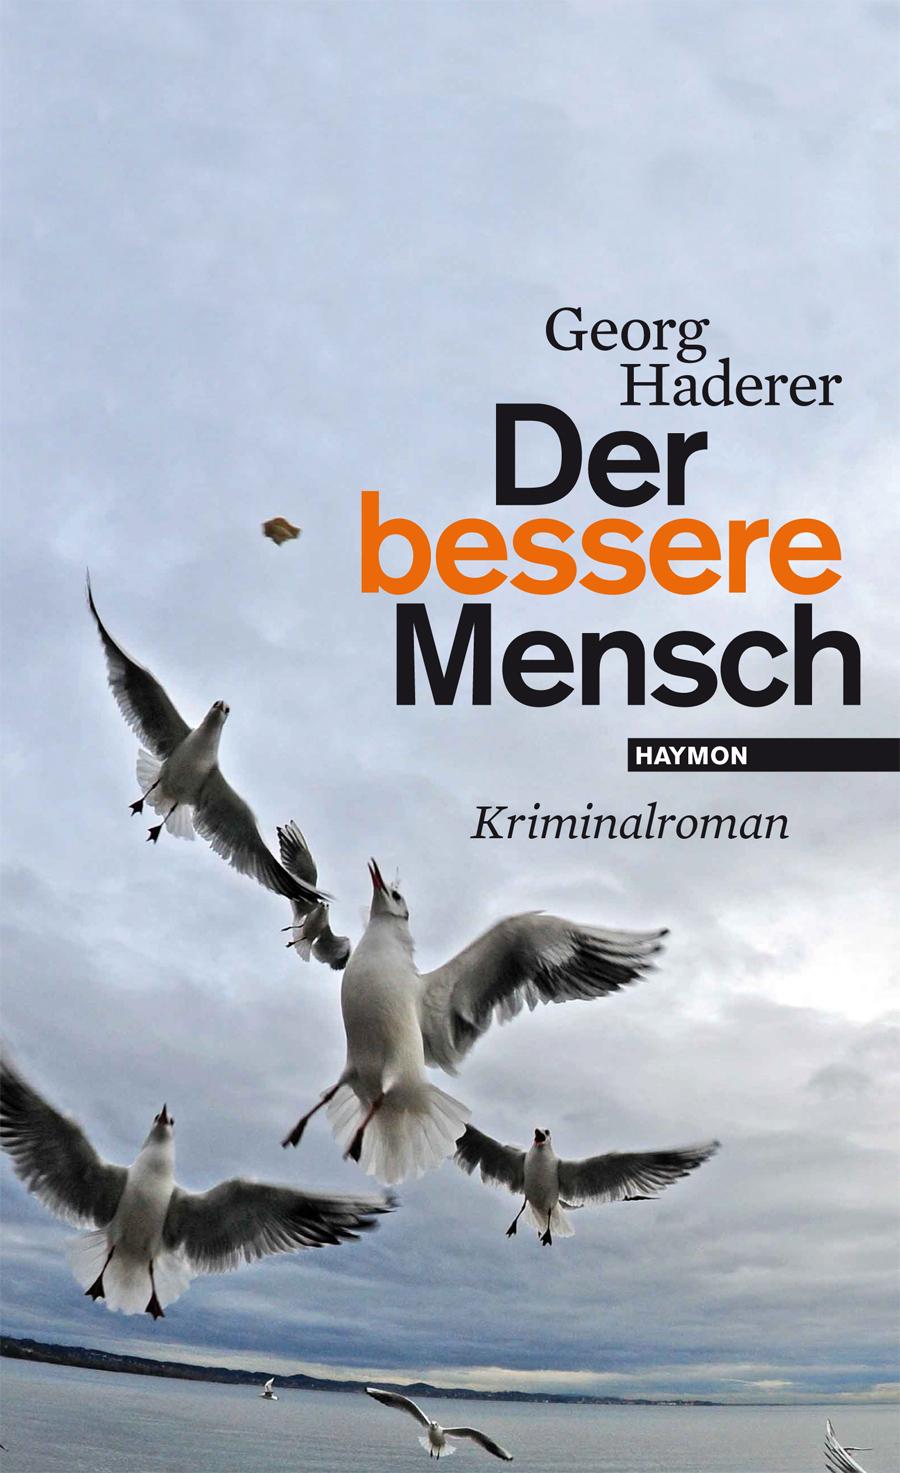 Der bessere Mensch - Georg Haderer